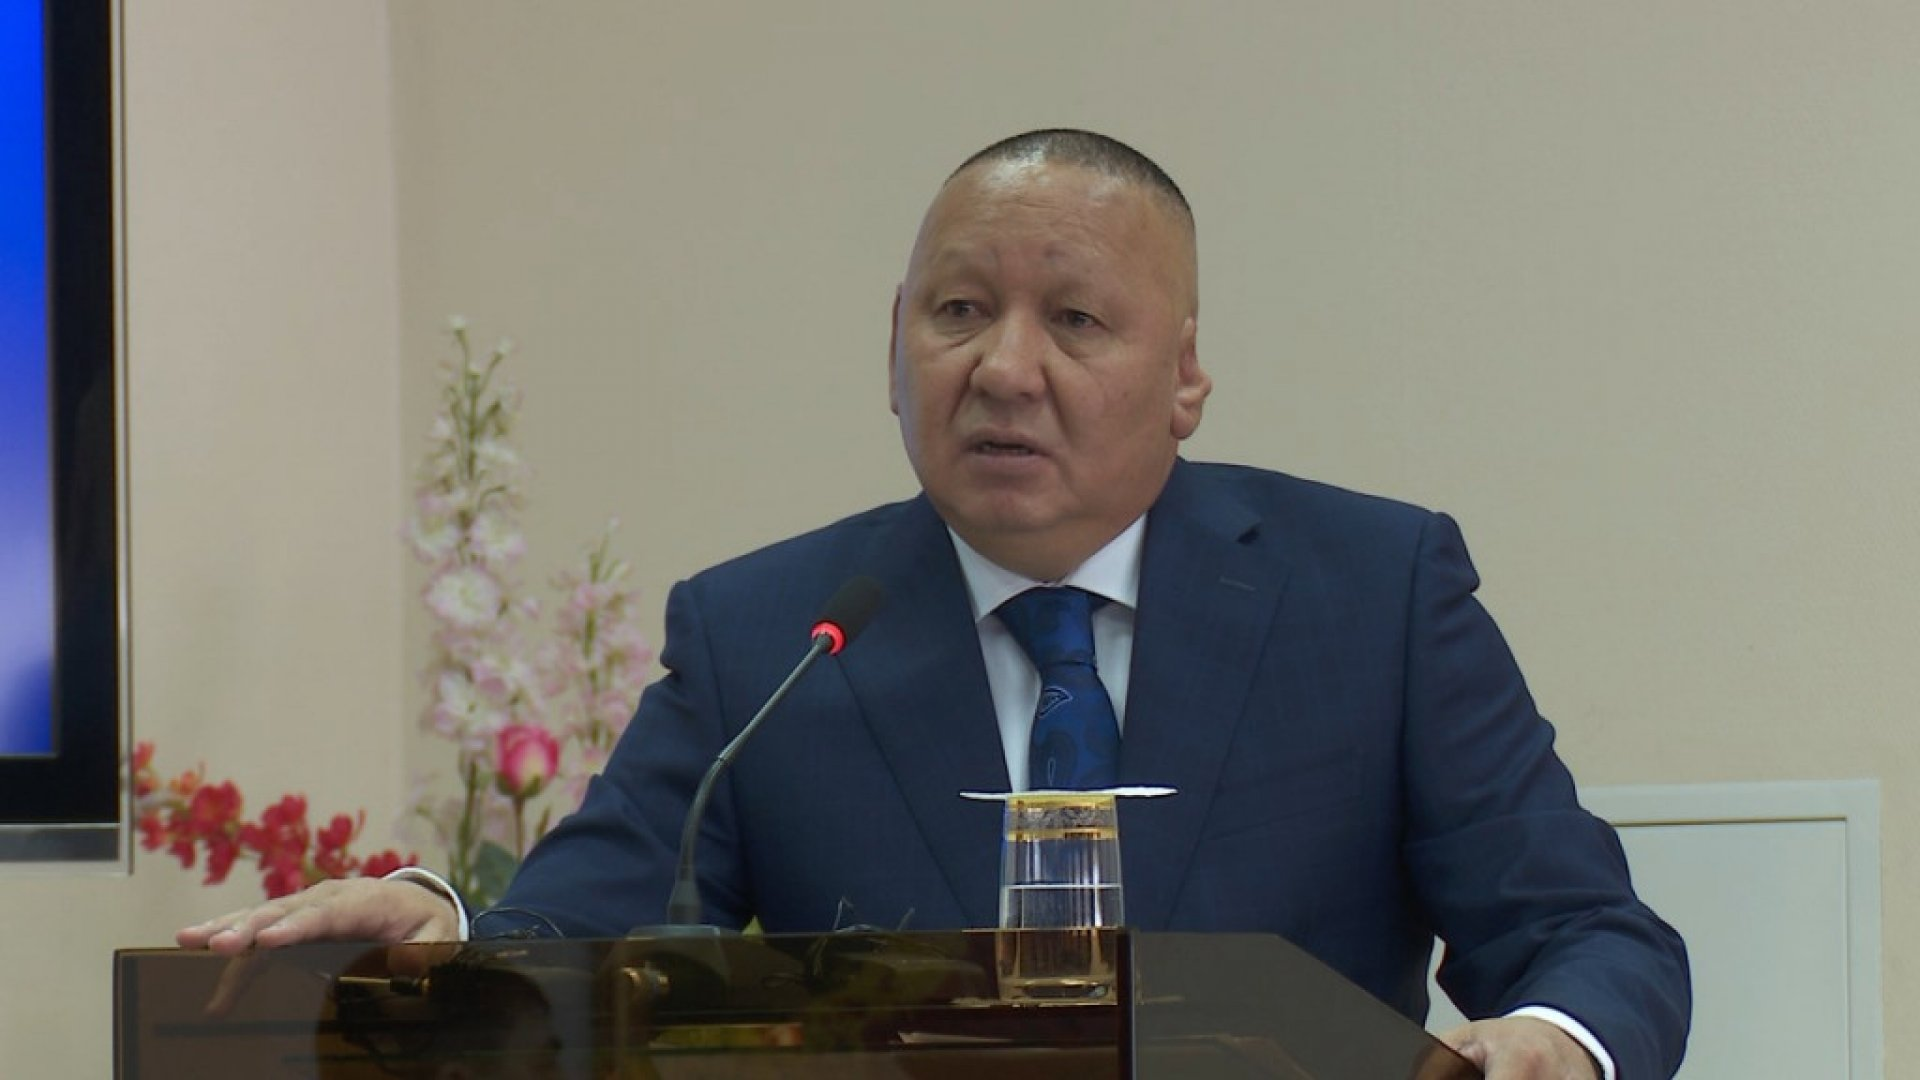 Досье: Гаязов Бахытжан Темирович, Аким Рудного, назначение